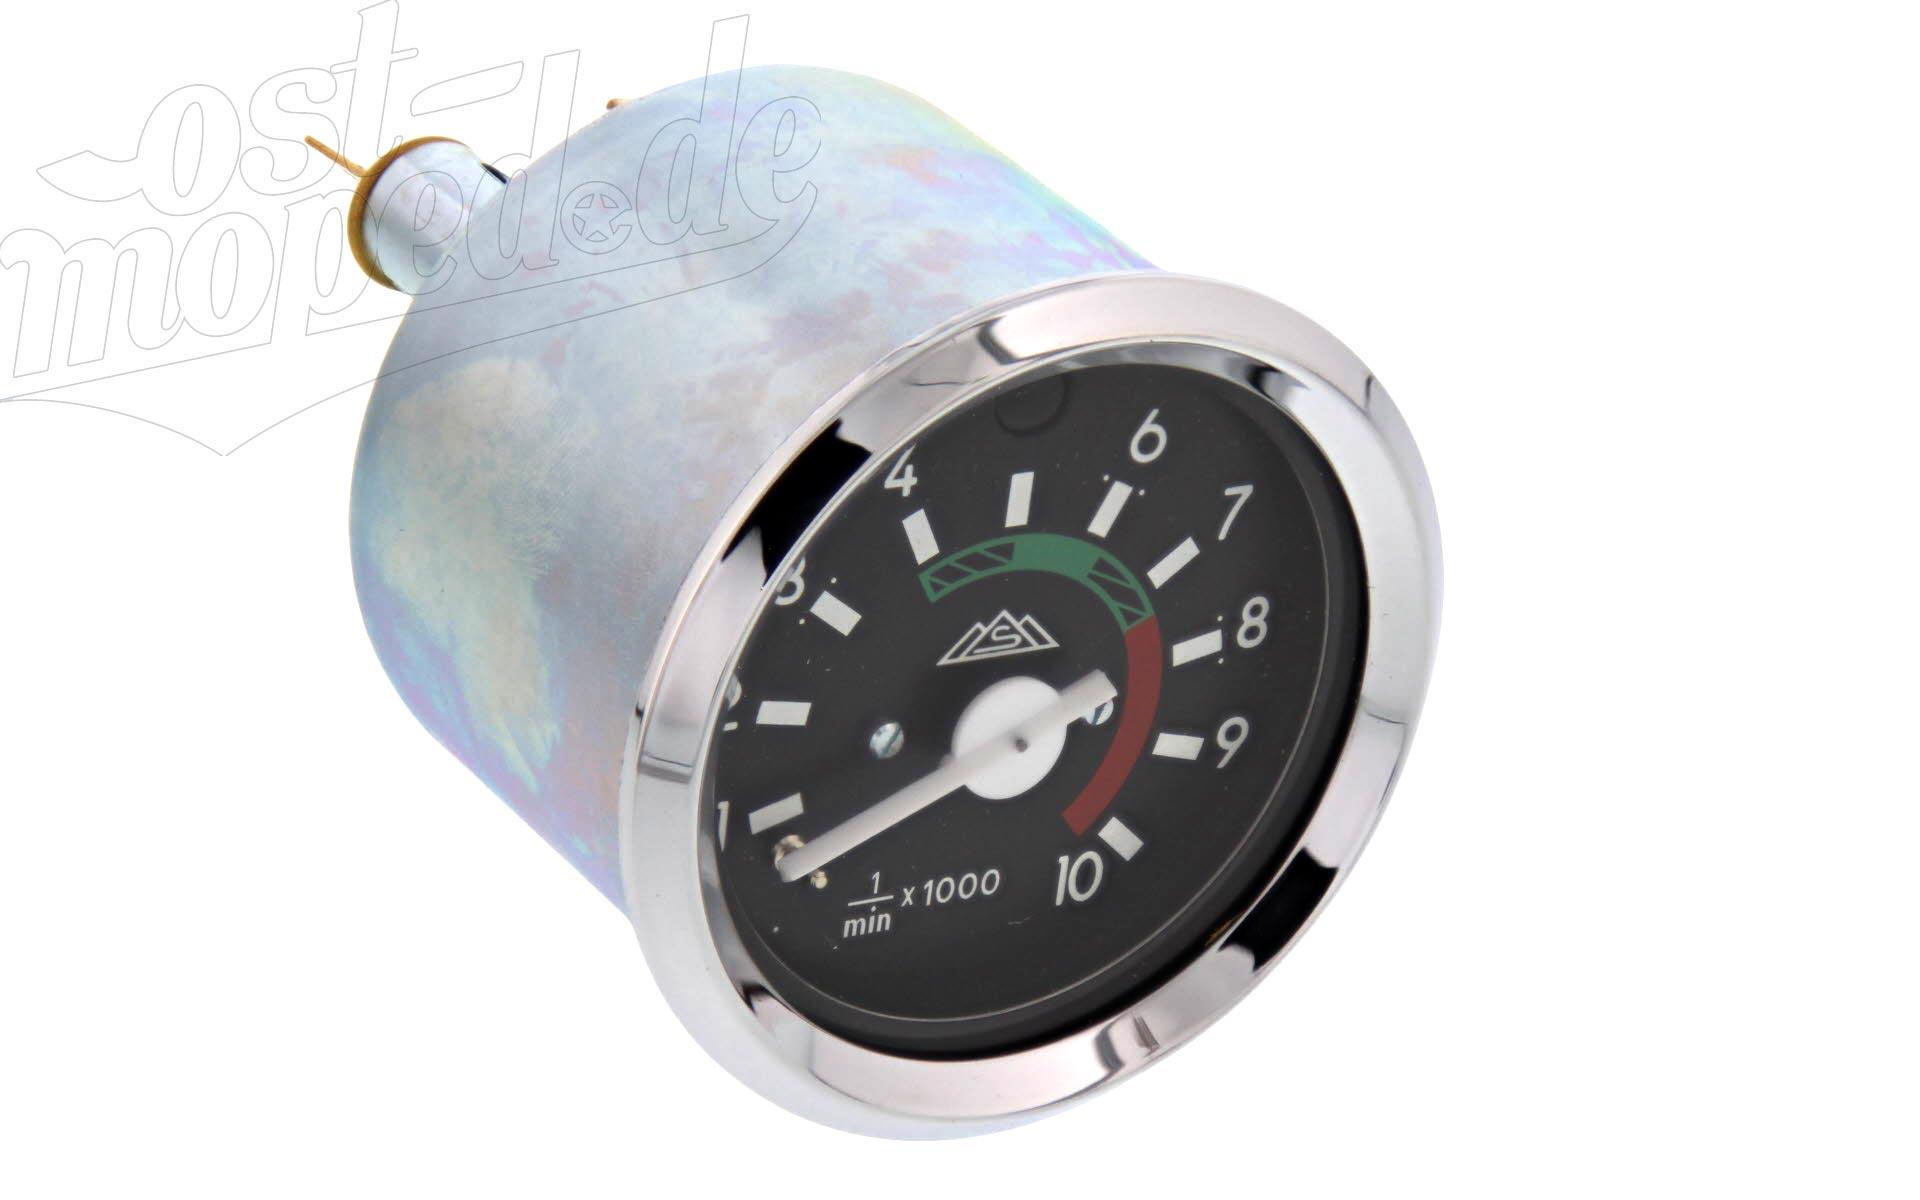 Drehzahlmesser ø60mm mit Chromring und Fernlichtkontrolle für Simson S51 S70 S53